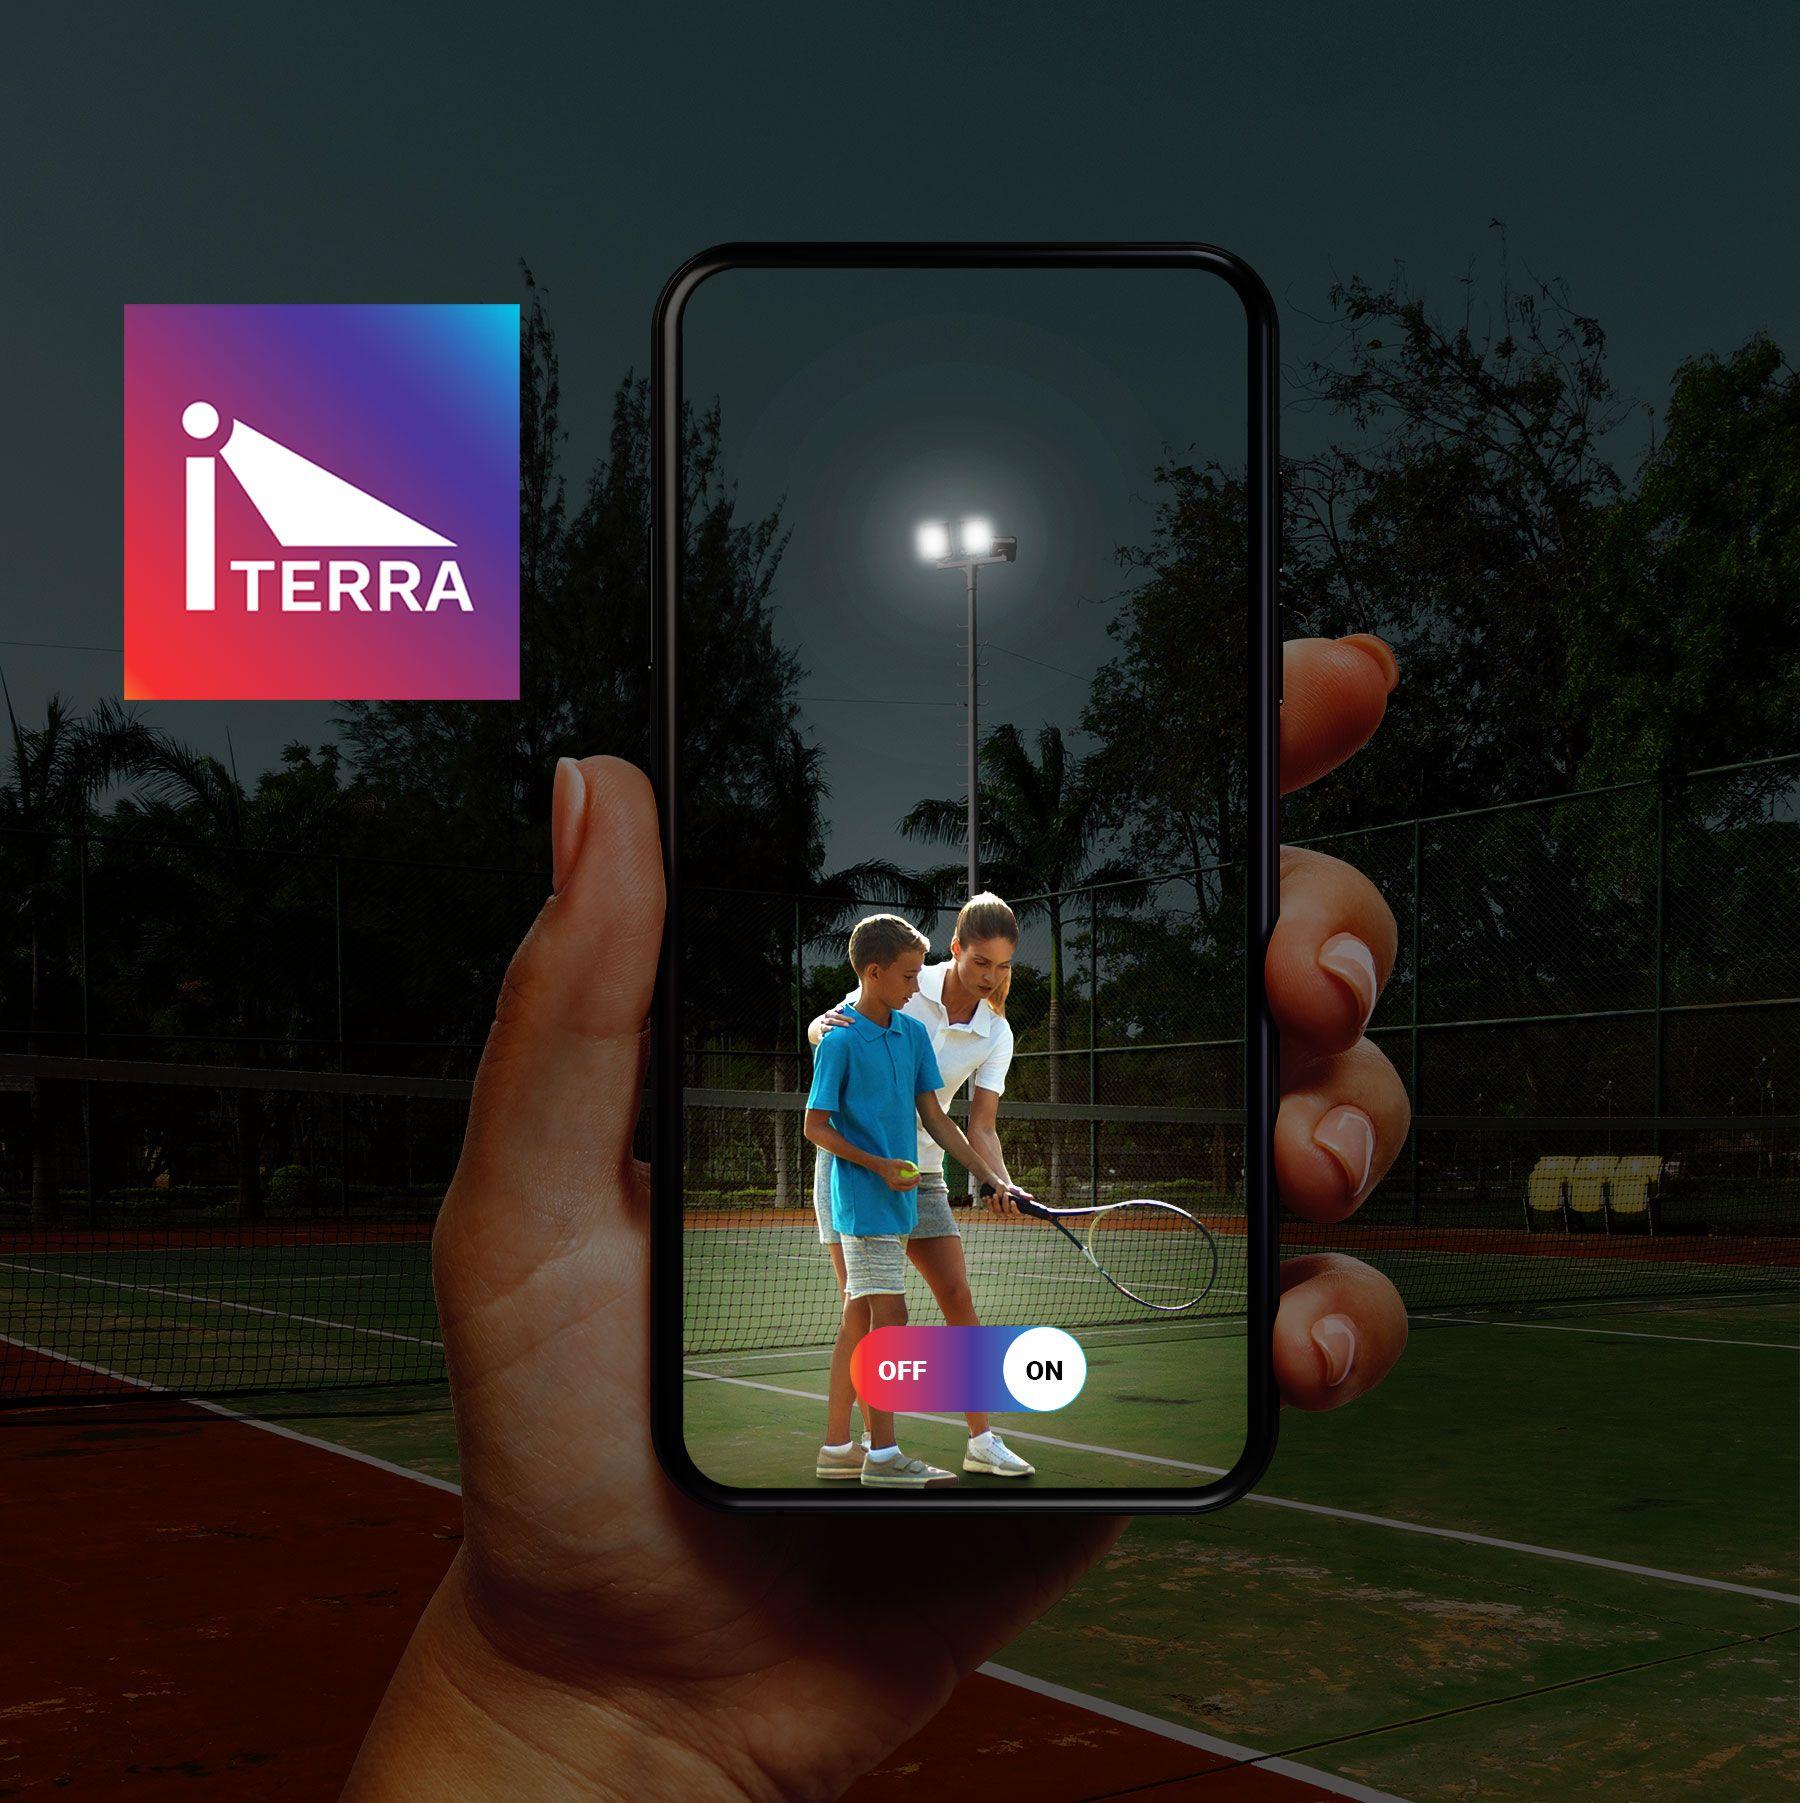 Schréder lanza iterra, una solución de control inalámbrica para aplicaciones deportivas